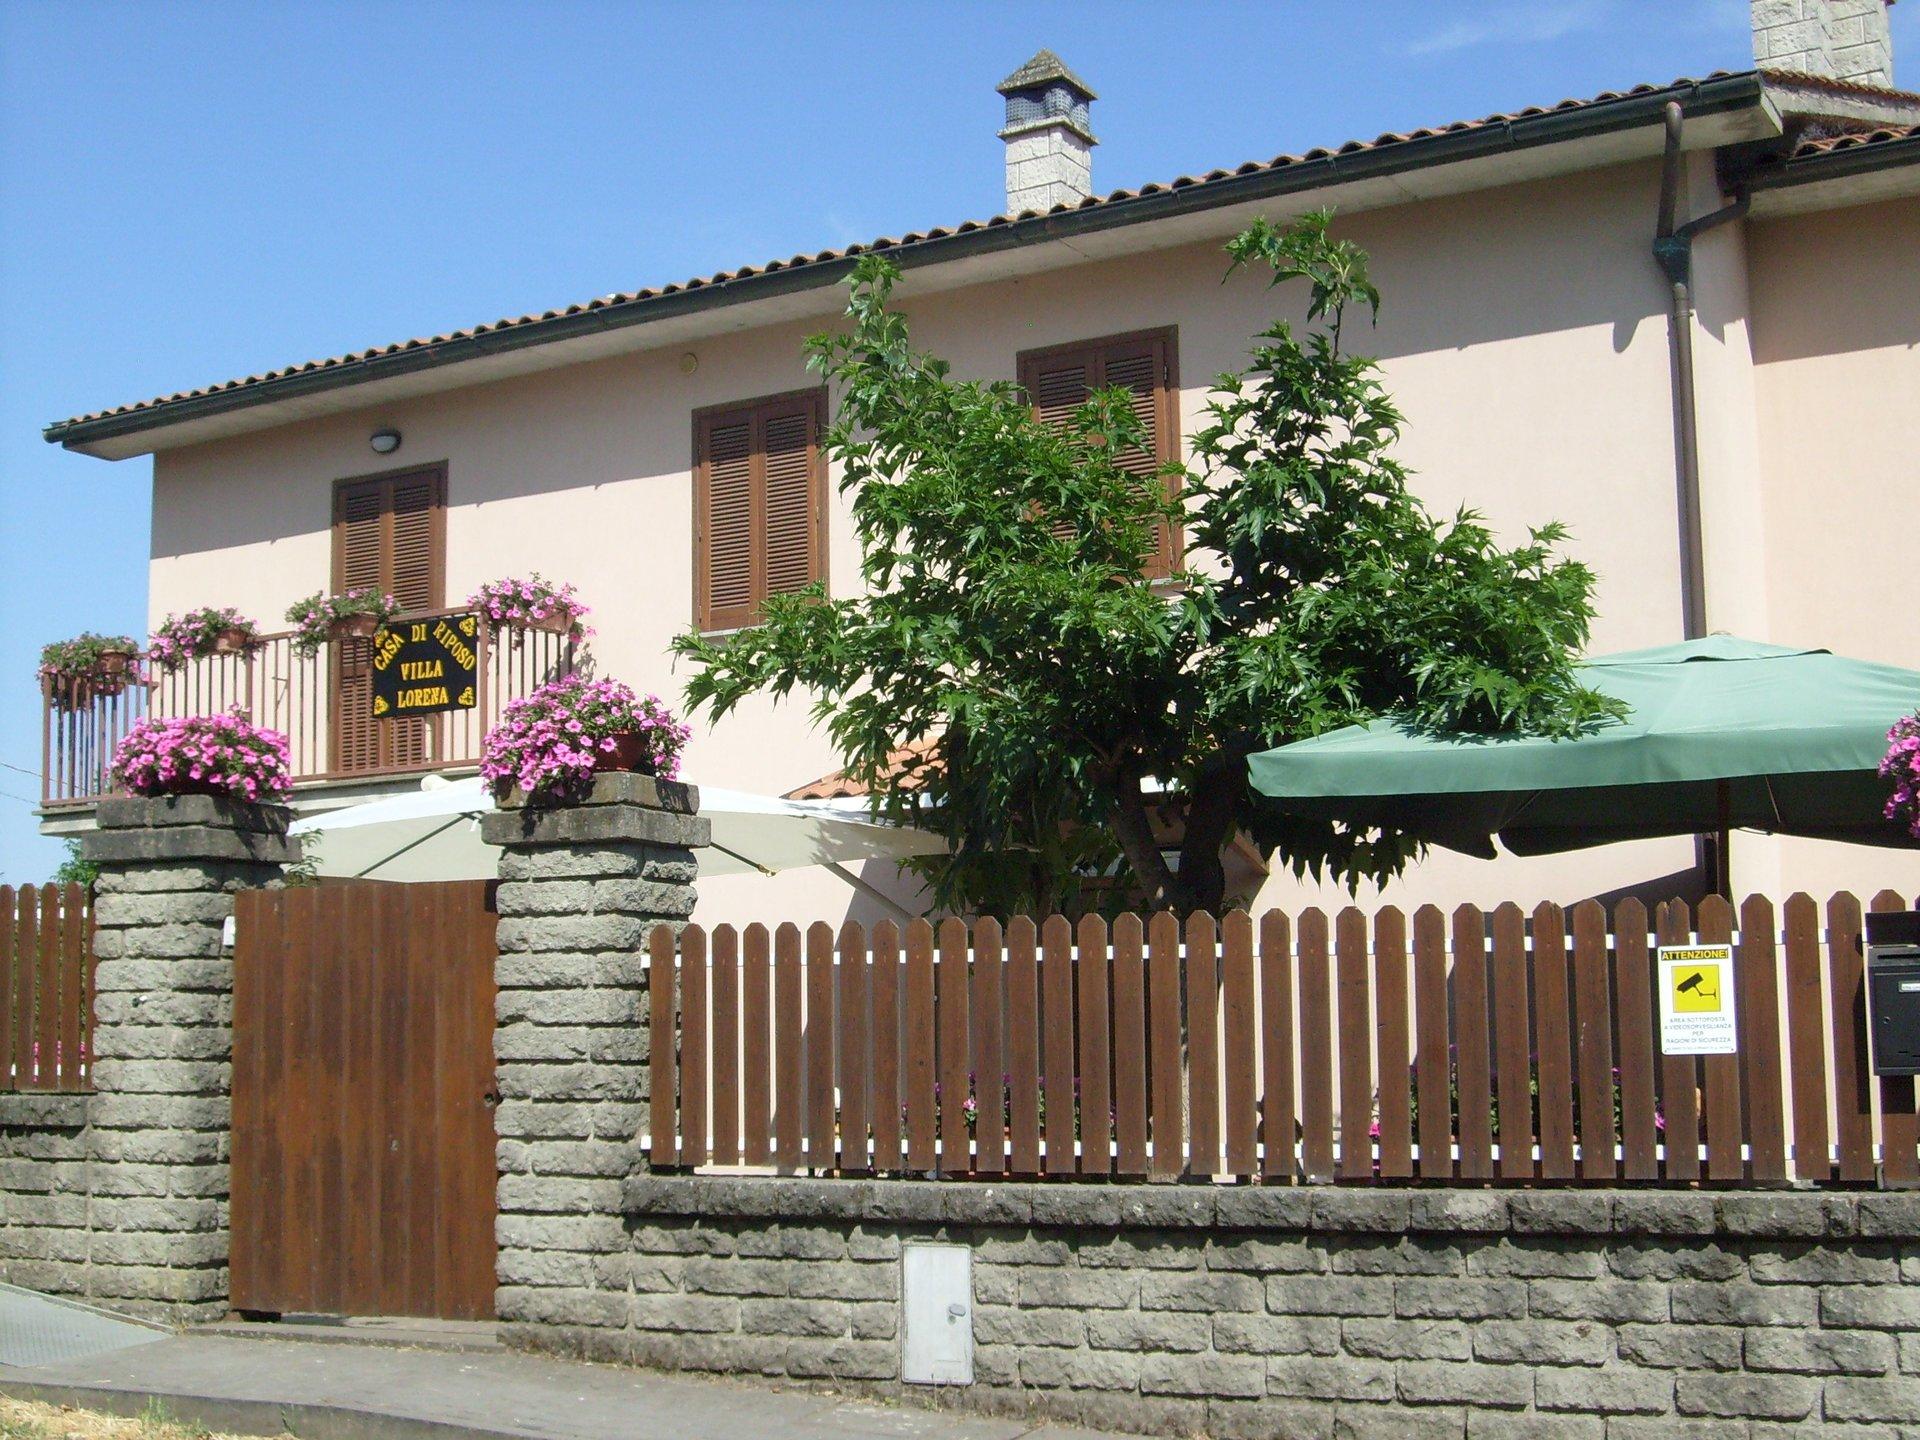 Casa di riposo villa lorena